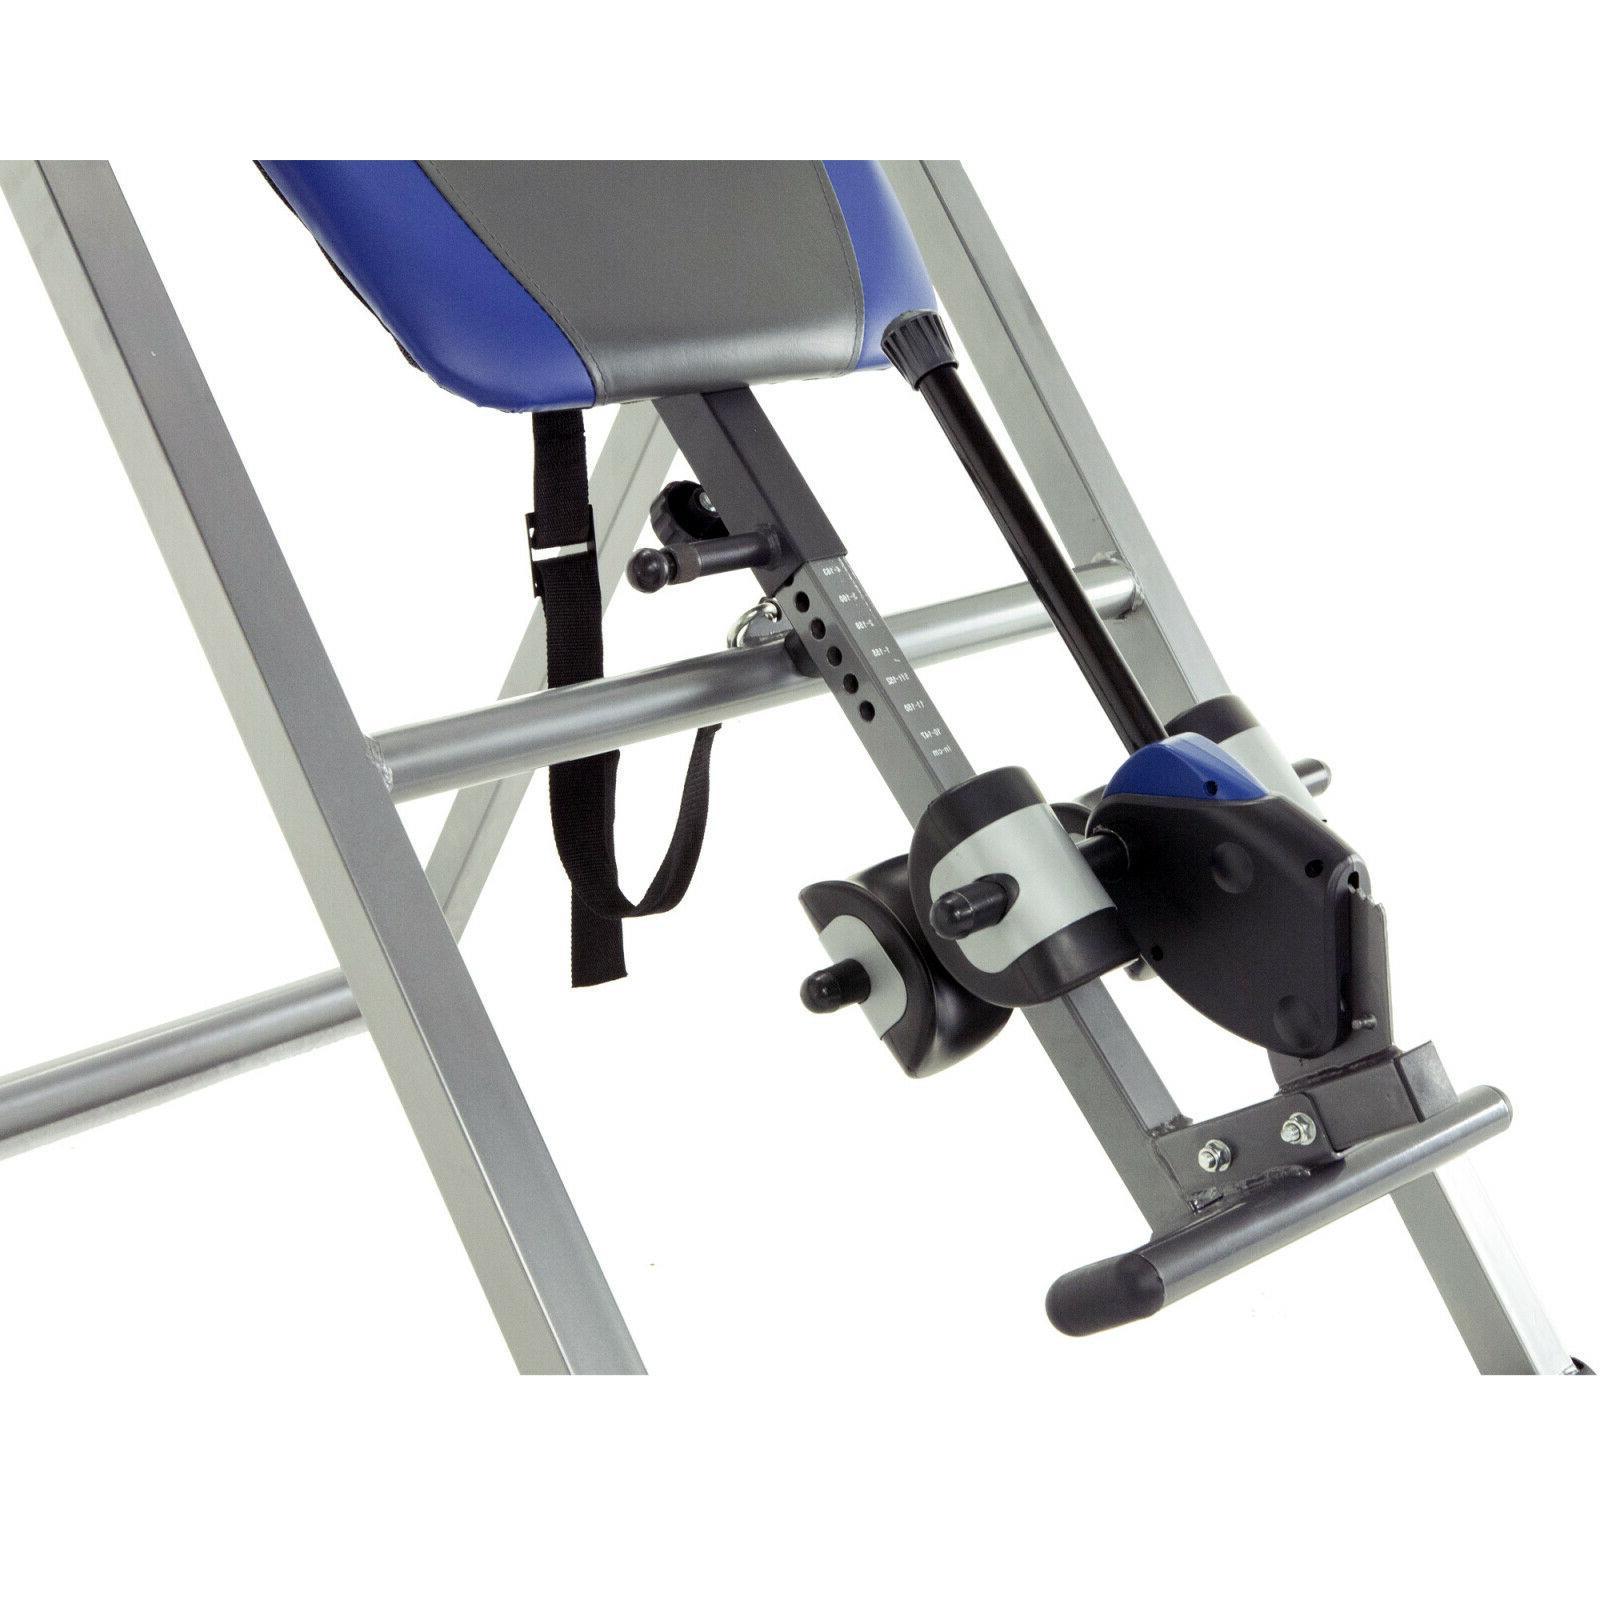 IRONMAN 990SL Workout Exercise Unique Surelock System